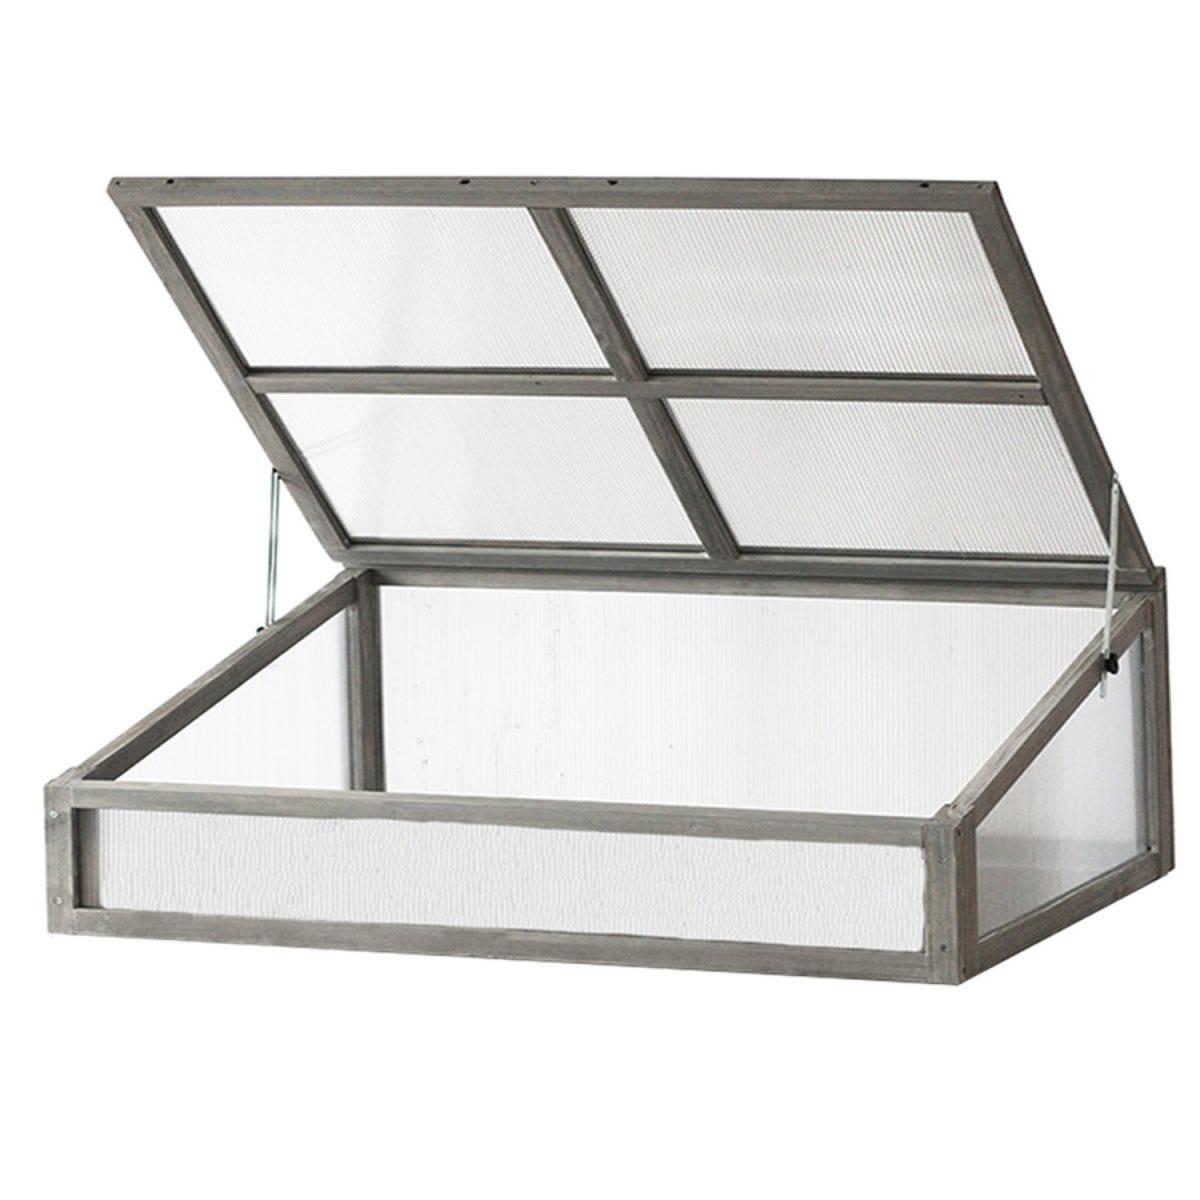 VegTrug Cold Frame - Grey